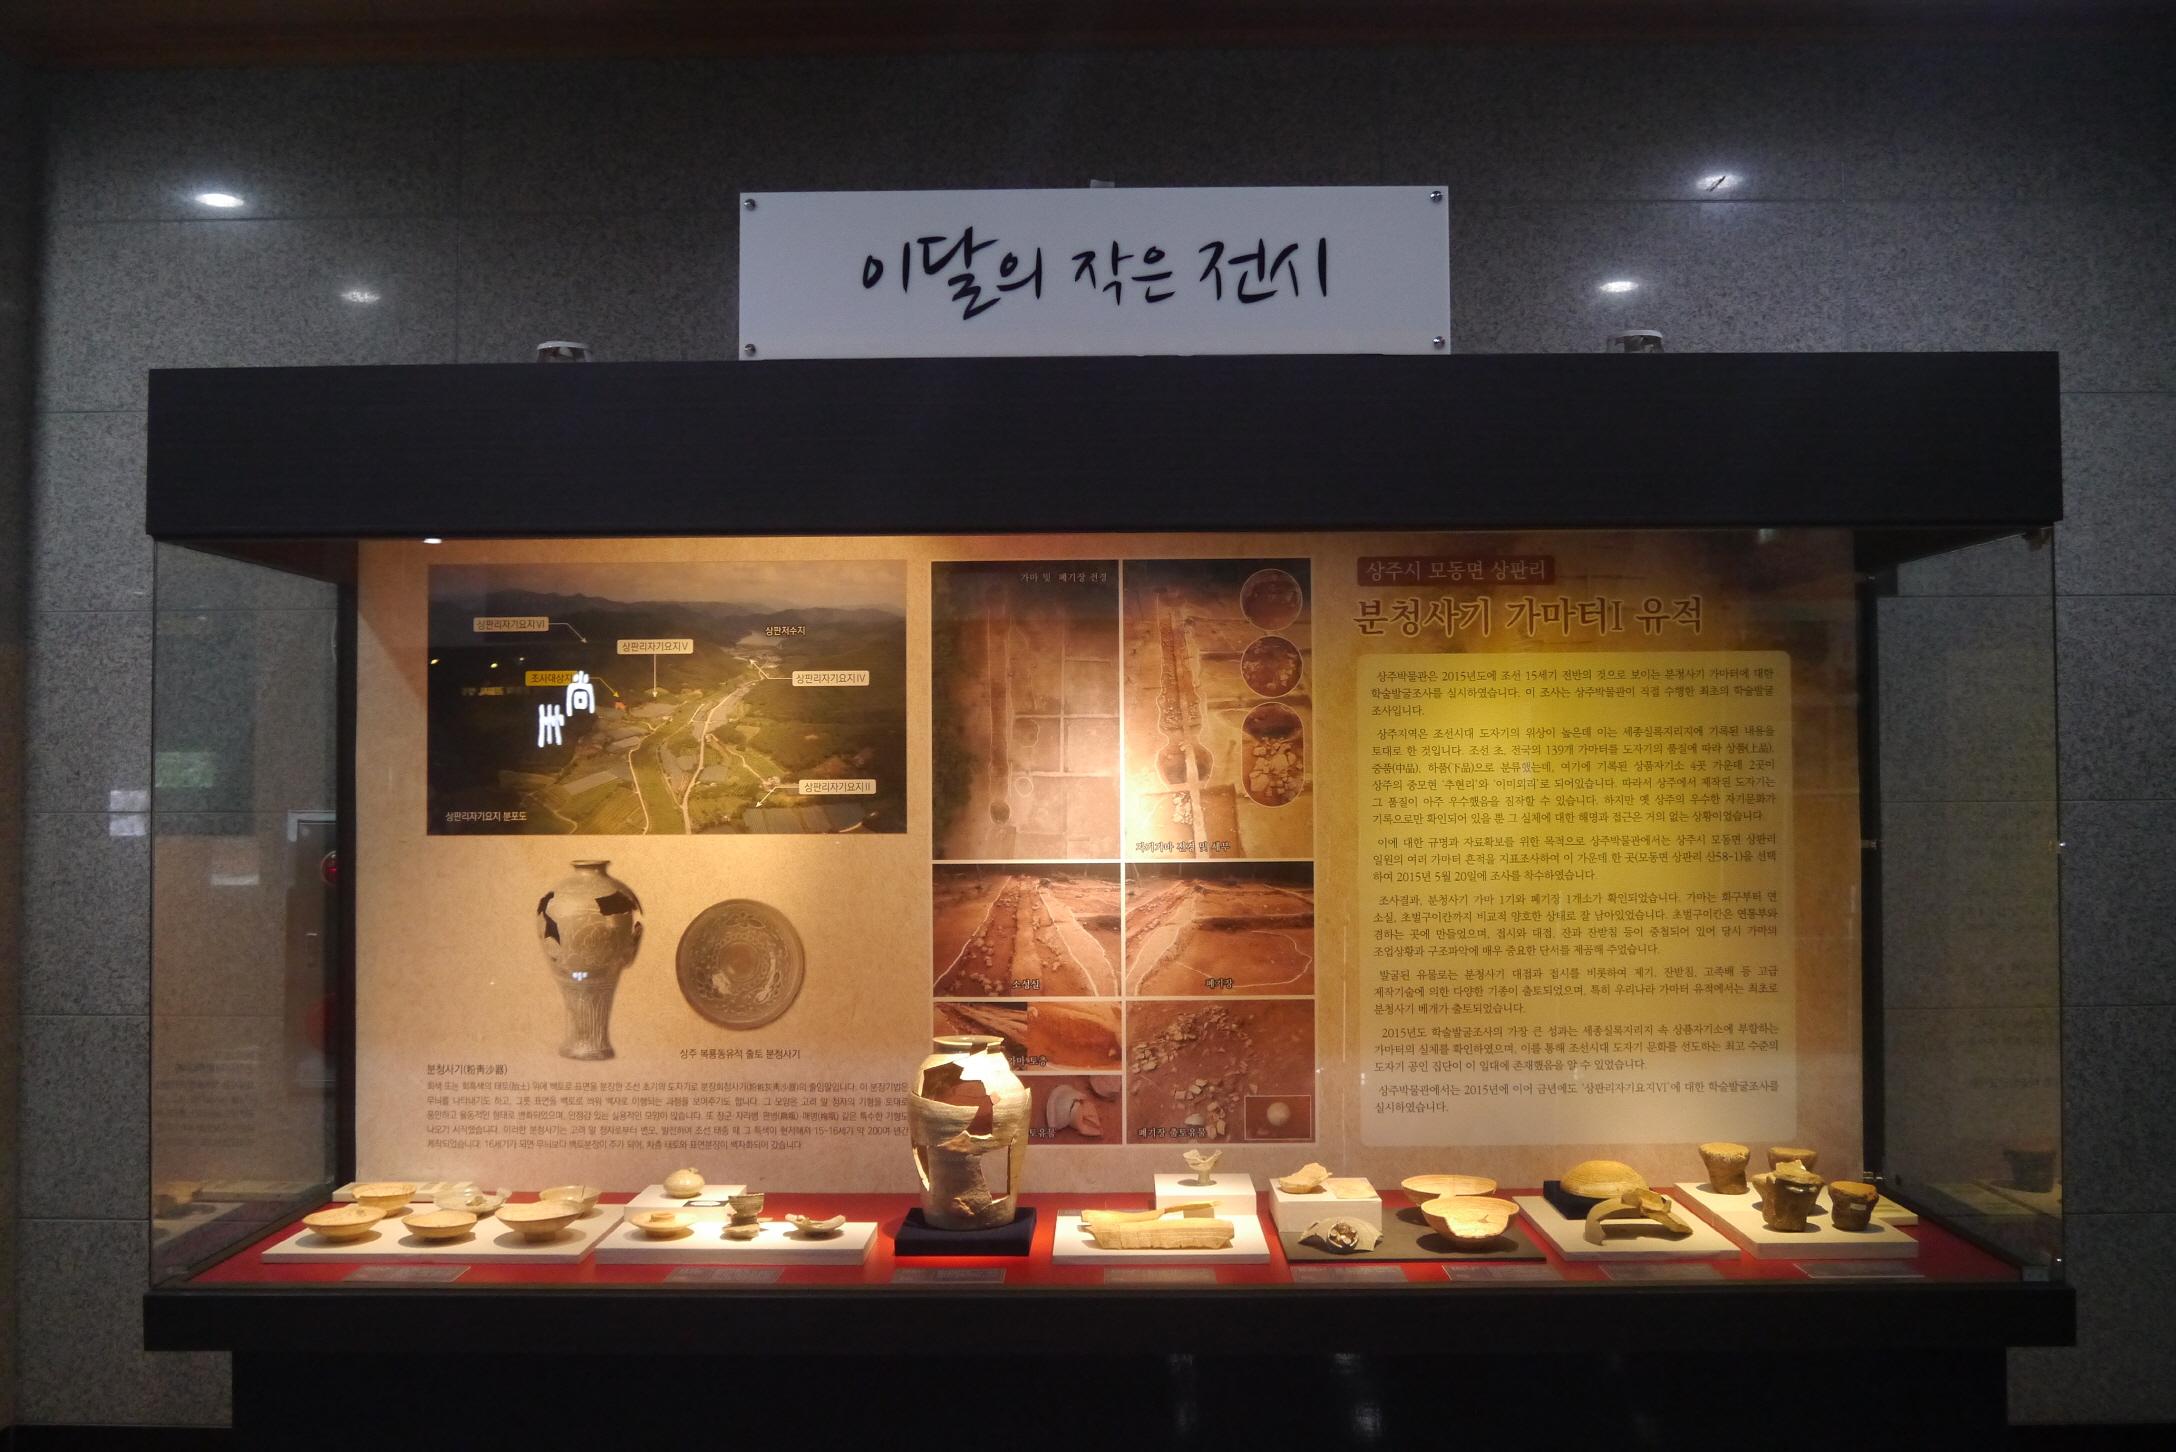 상주박물관,'이 달의 작은 전시'개최1.JPG